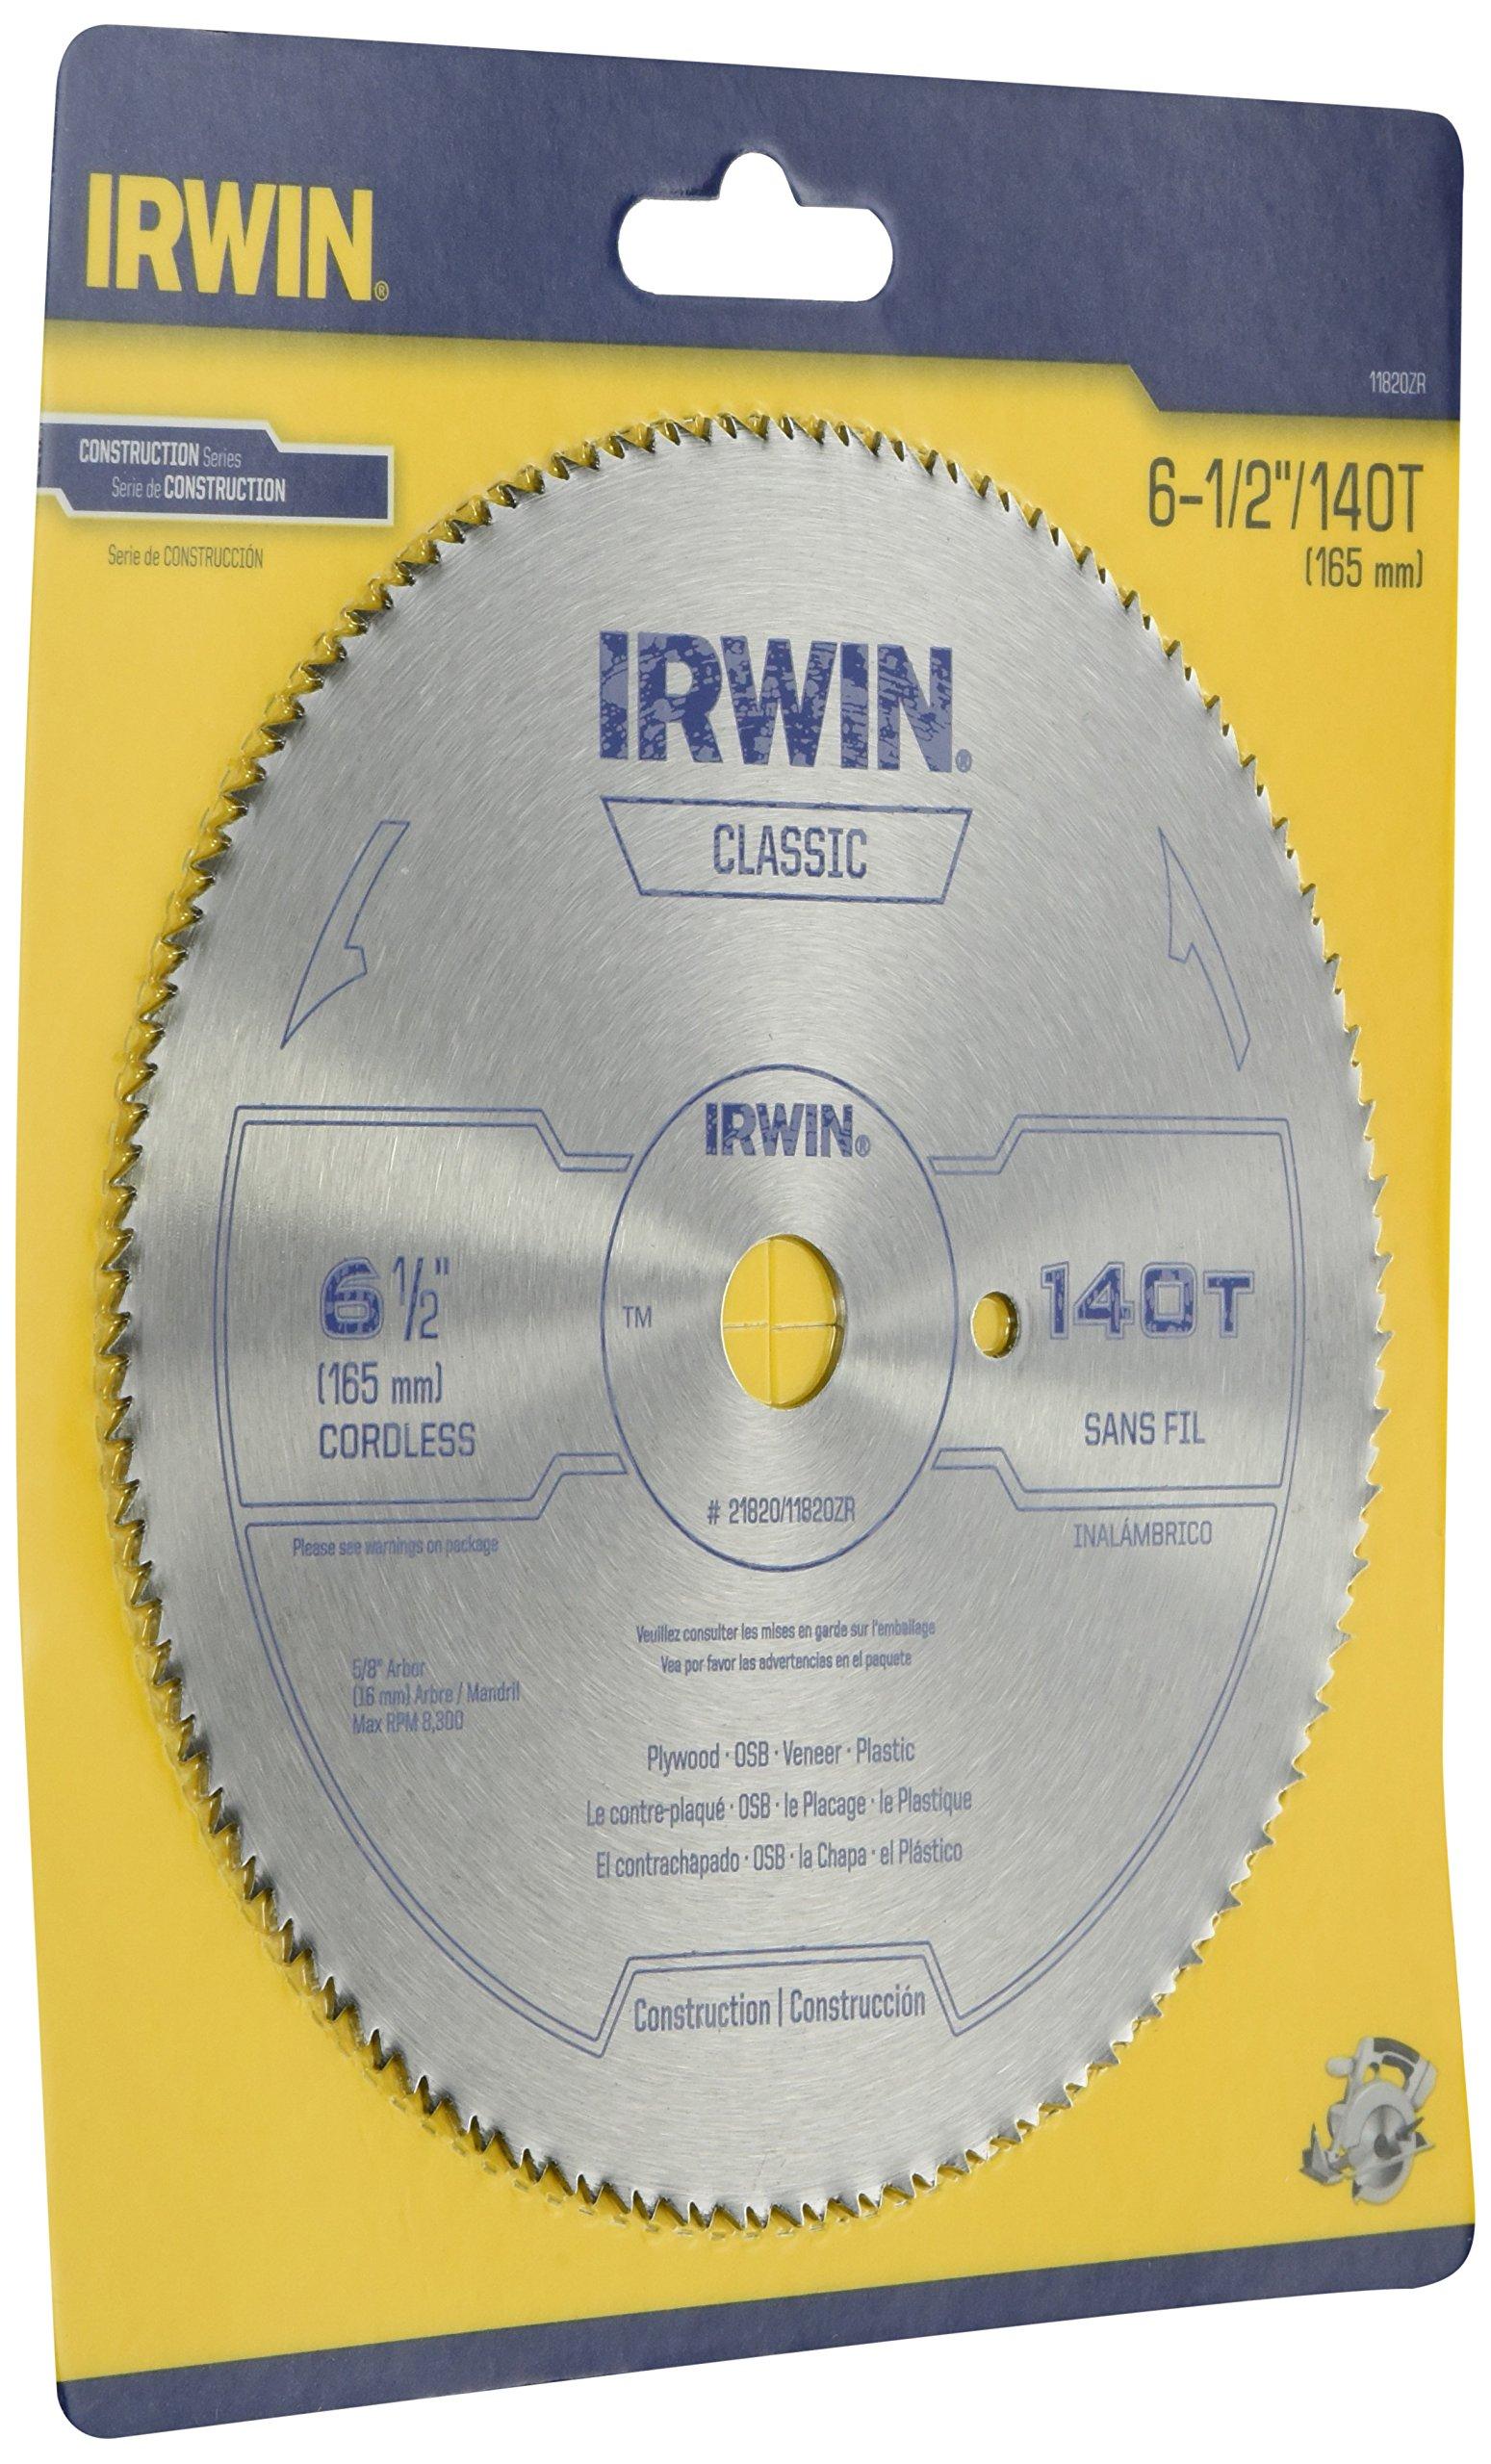 Disco Sierra IRWIN 11820ZR 6 1/2 x 140T TFG Plástico contr